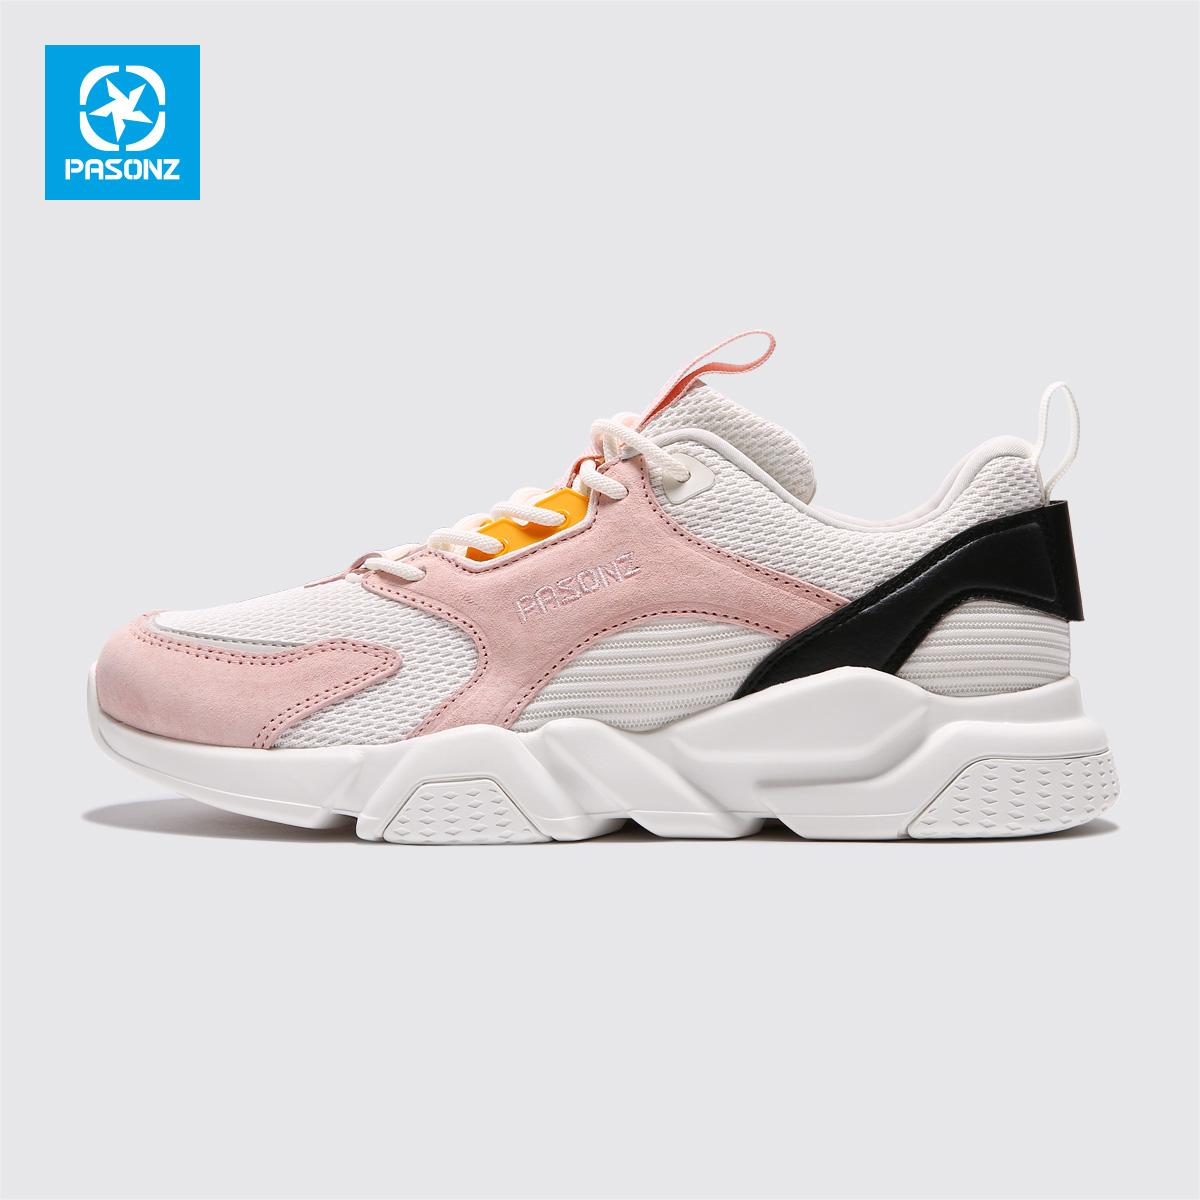 乔丹百尚女鞋运动鞋2019春季新款休闲复古网布拼接女跑步鞋